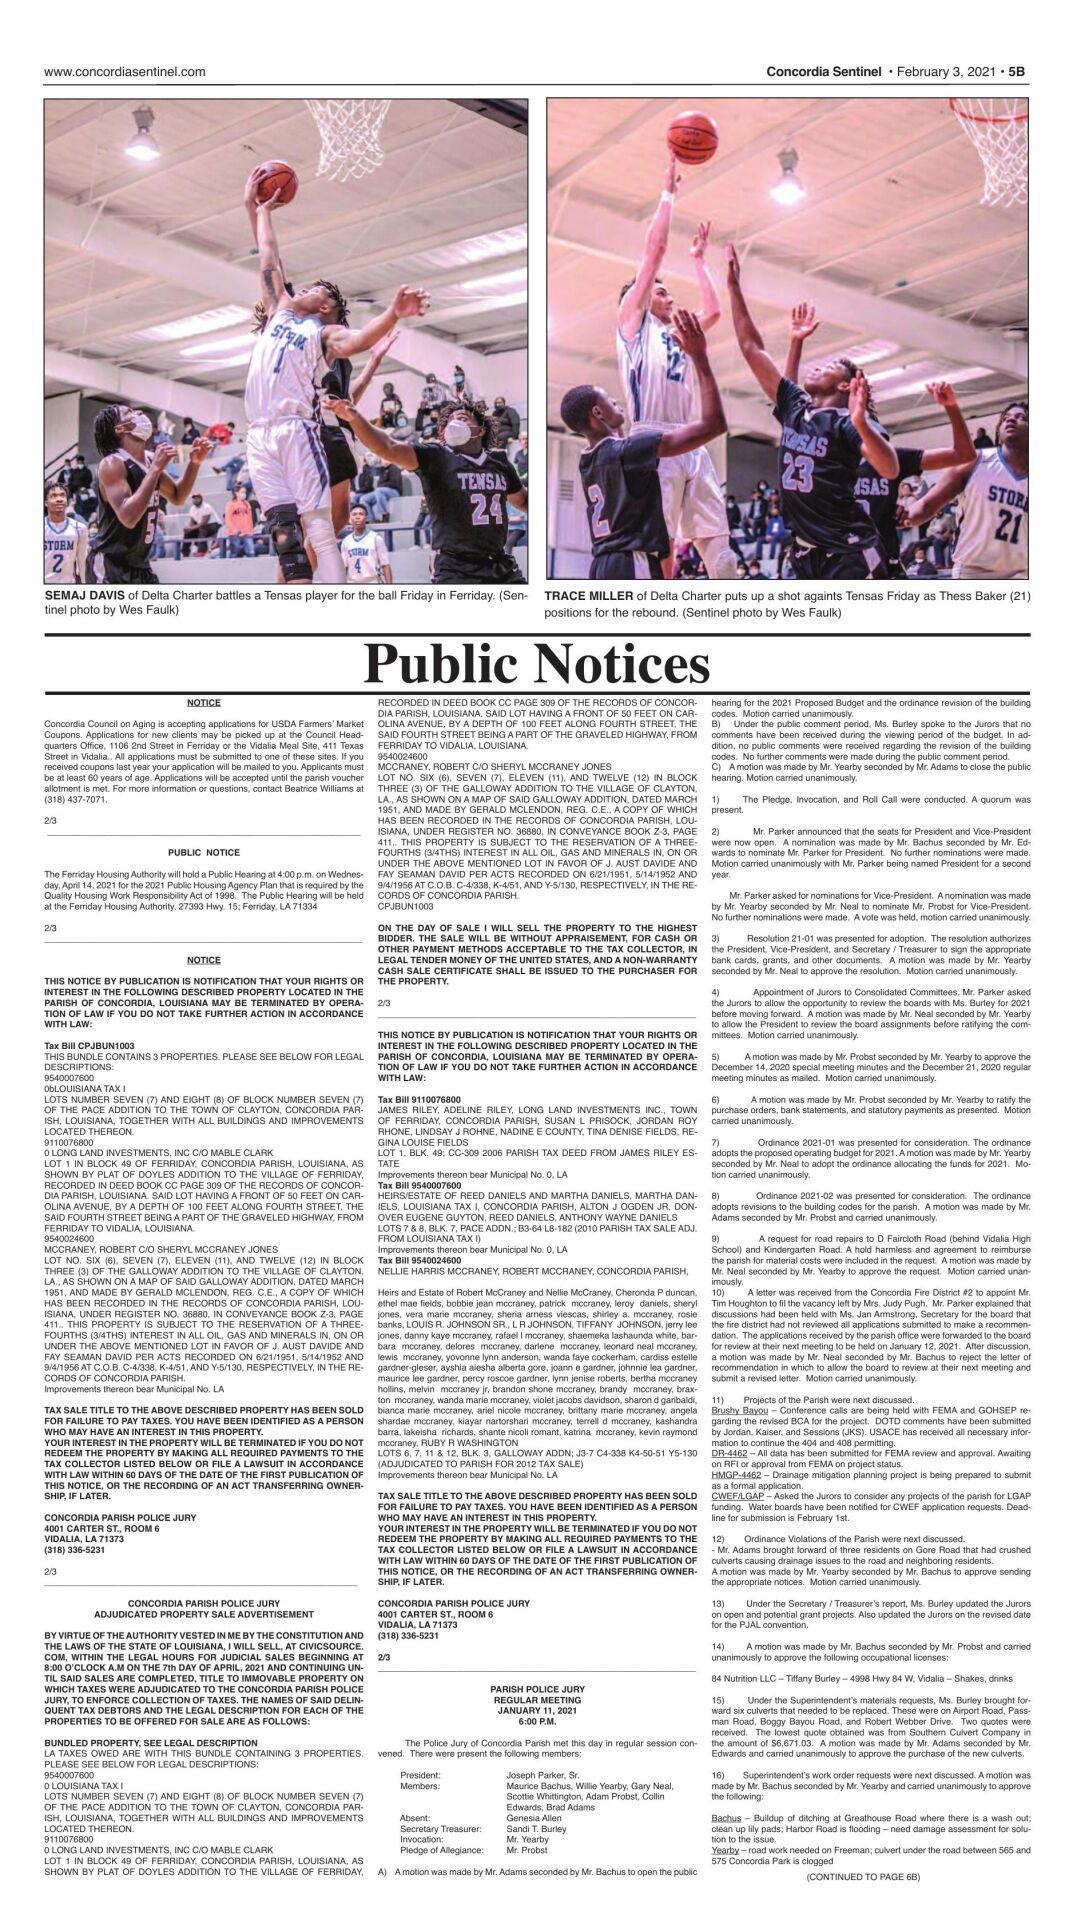 Public Notices - February 3, 2021